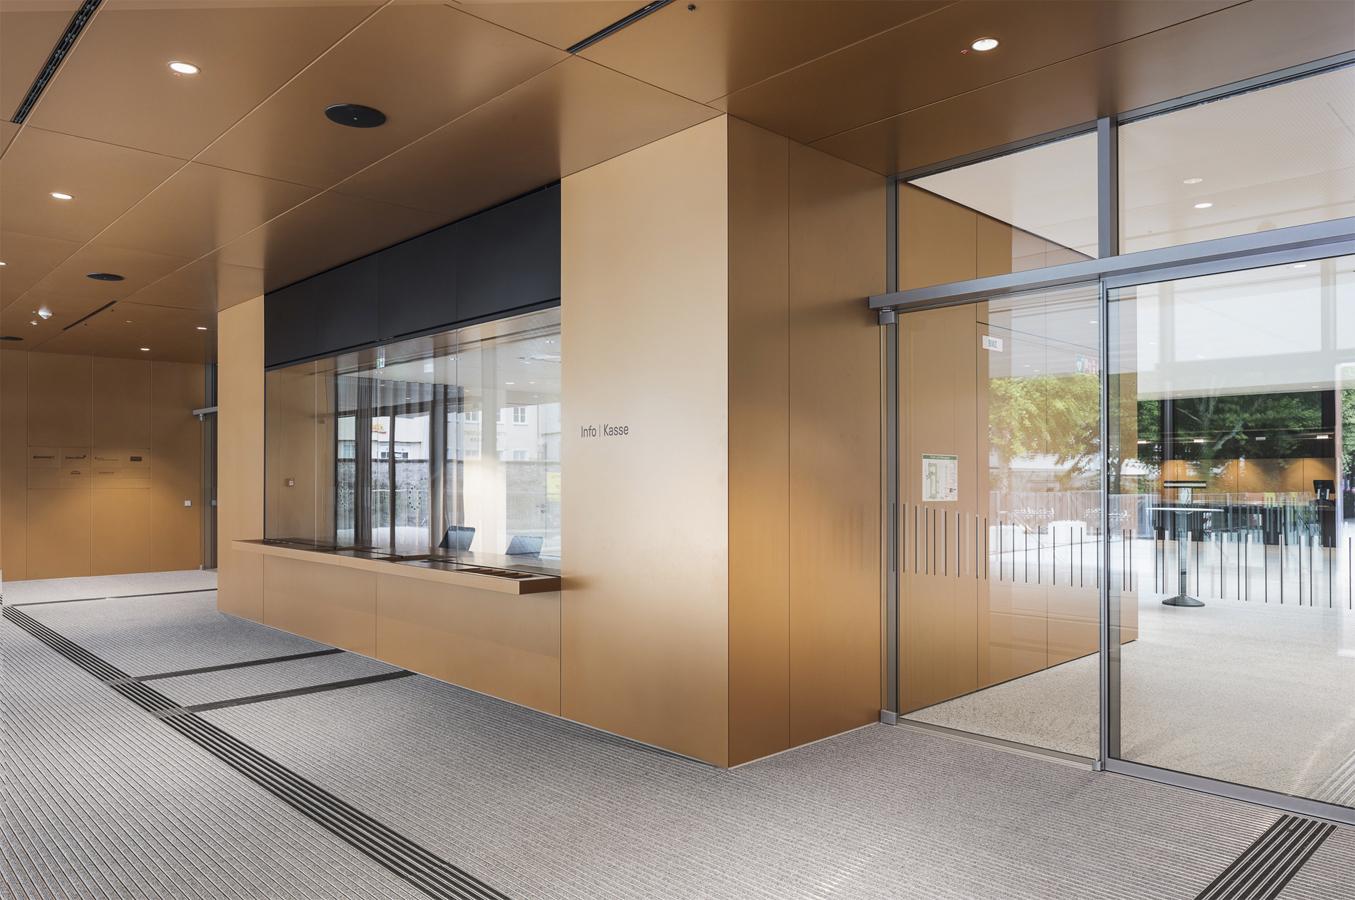 Tagungsbüro / Ticketverkauf: Oberfläche komplett in Metall Bronzefarben